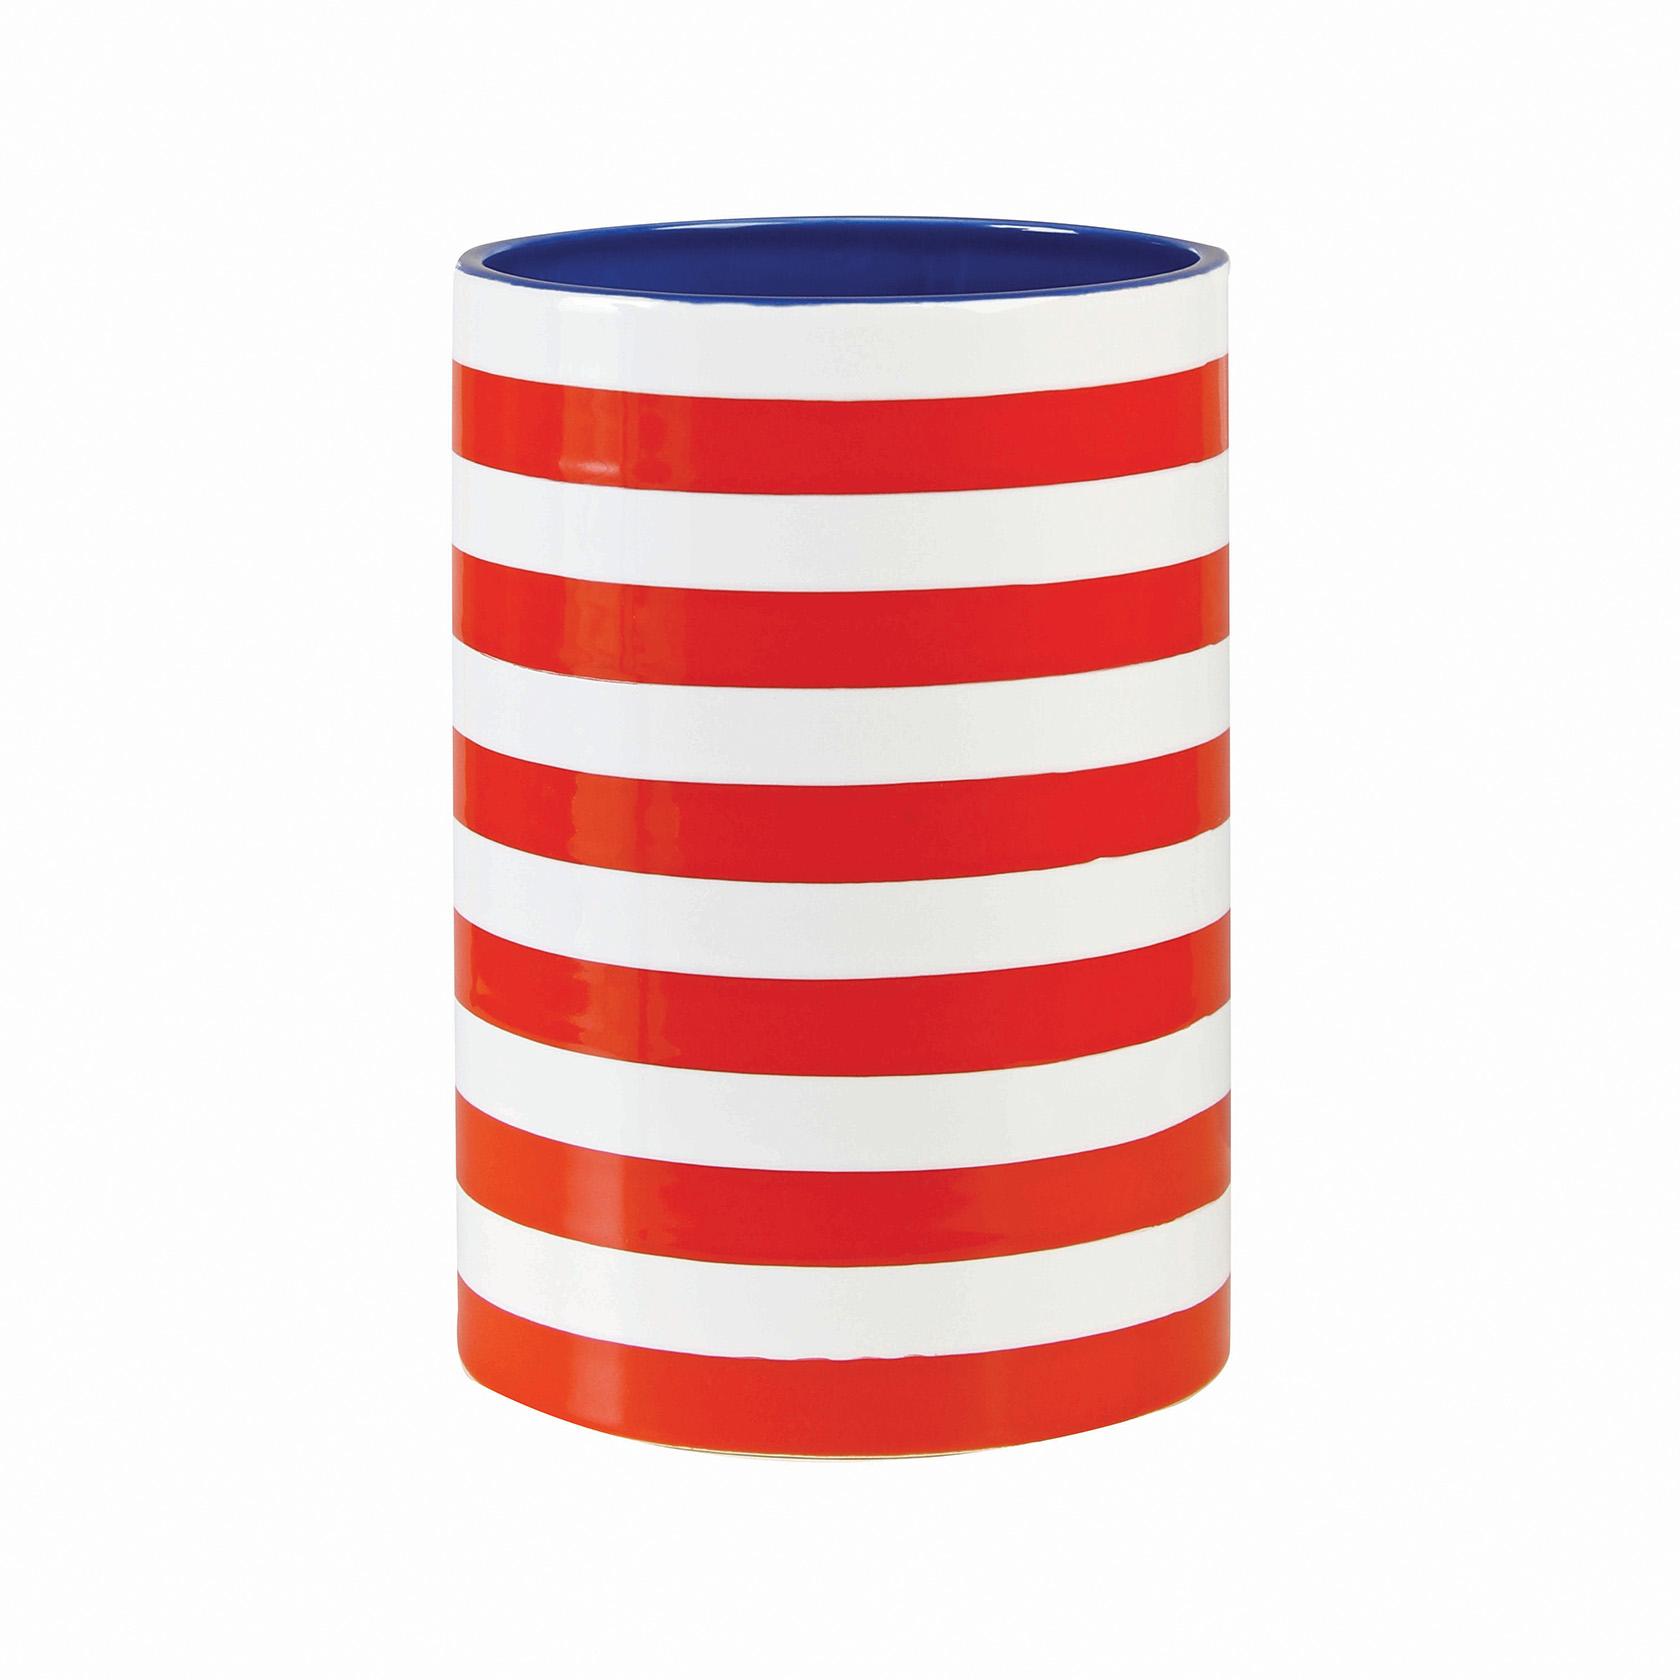 Vase stripe red